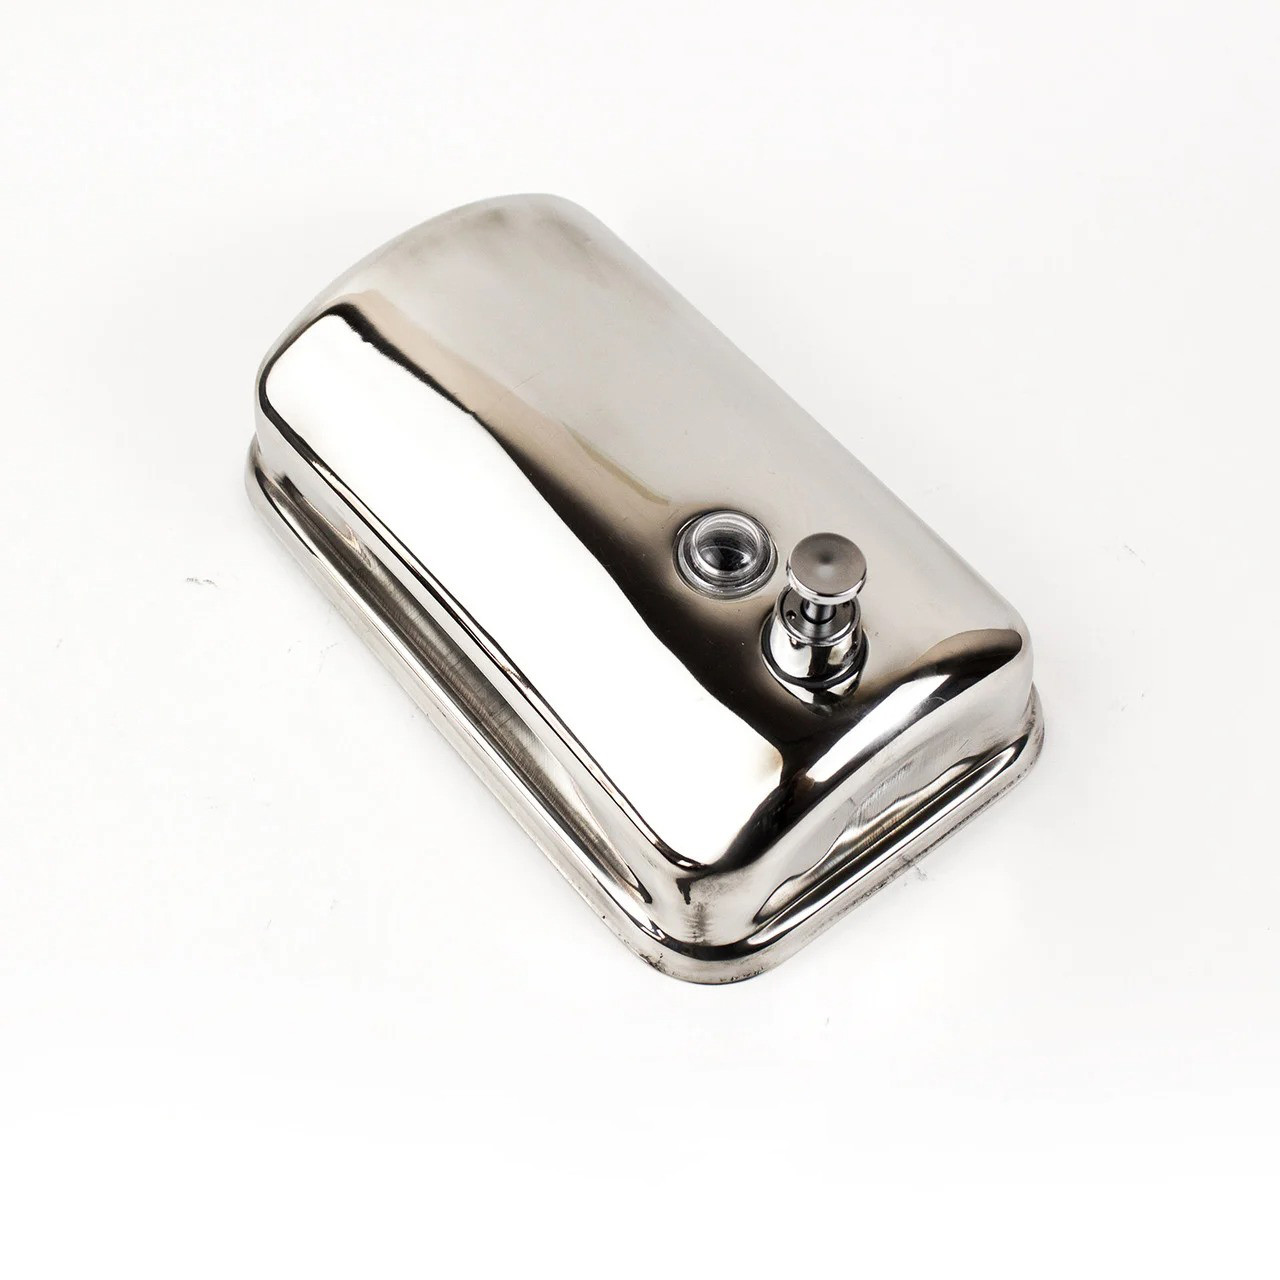 Дозатор GL404 для жидкого мыла настенный (маленький)